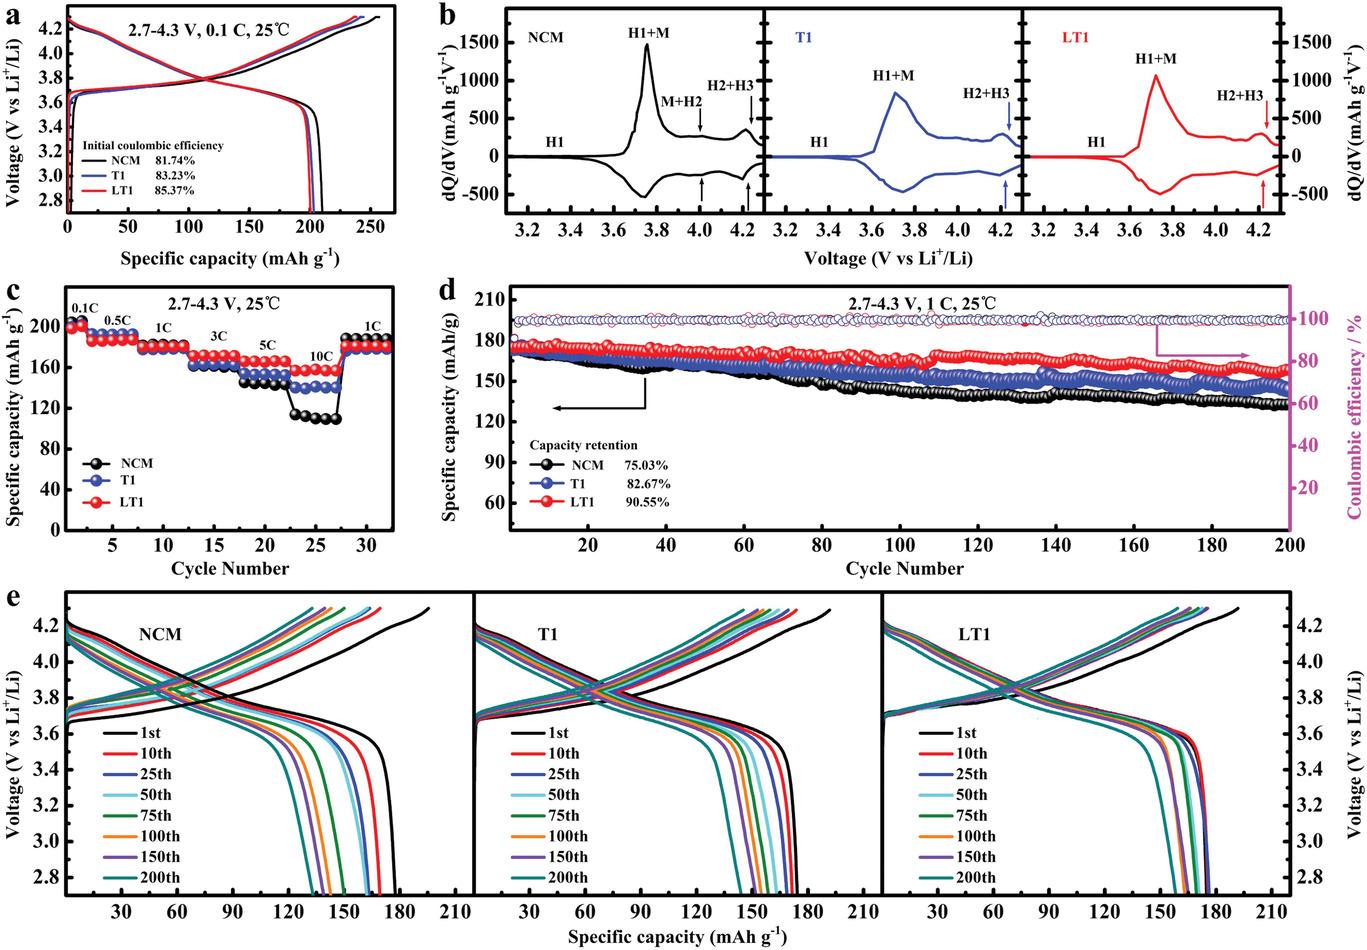 长沙理工大学李灵均Adv. Funct. Mater.:同步合成双重修饰富镍正极材料助力高能量密度锂离子电池